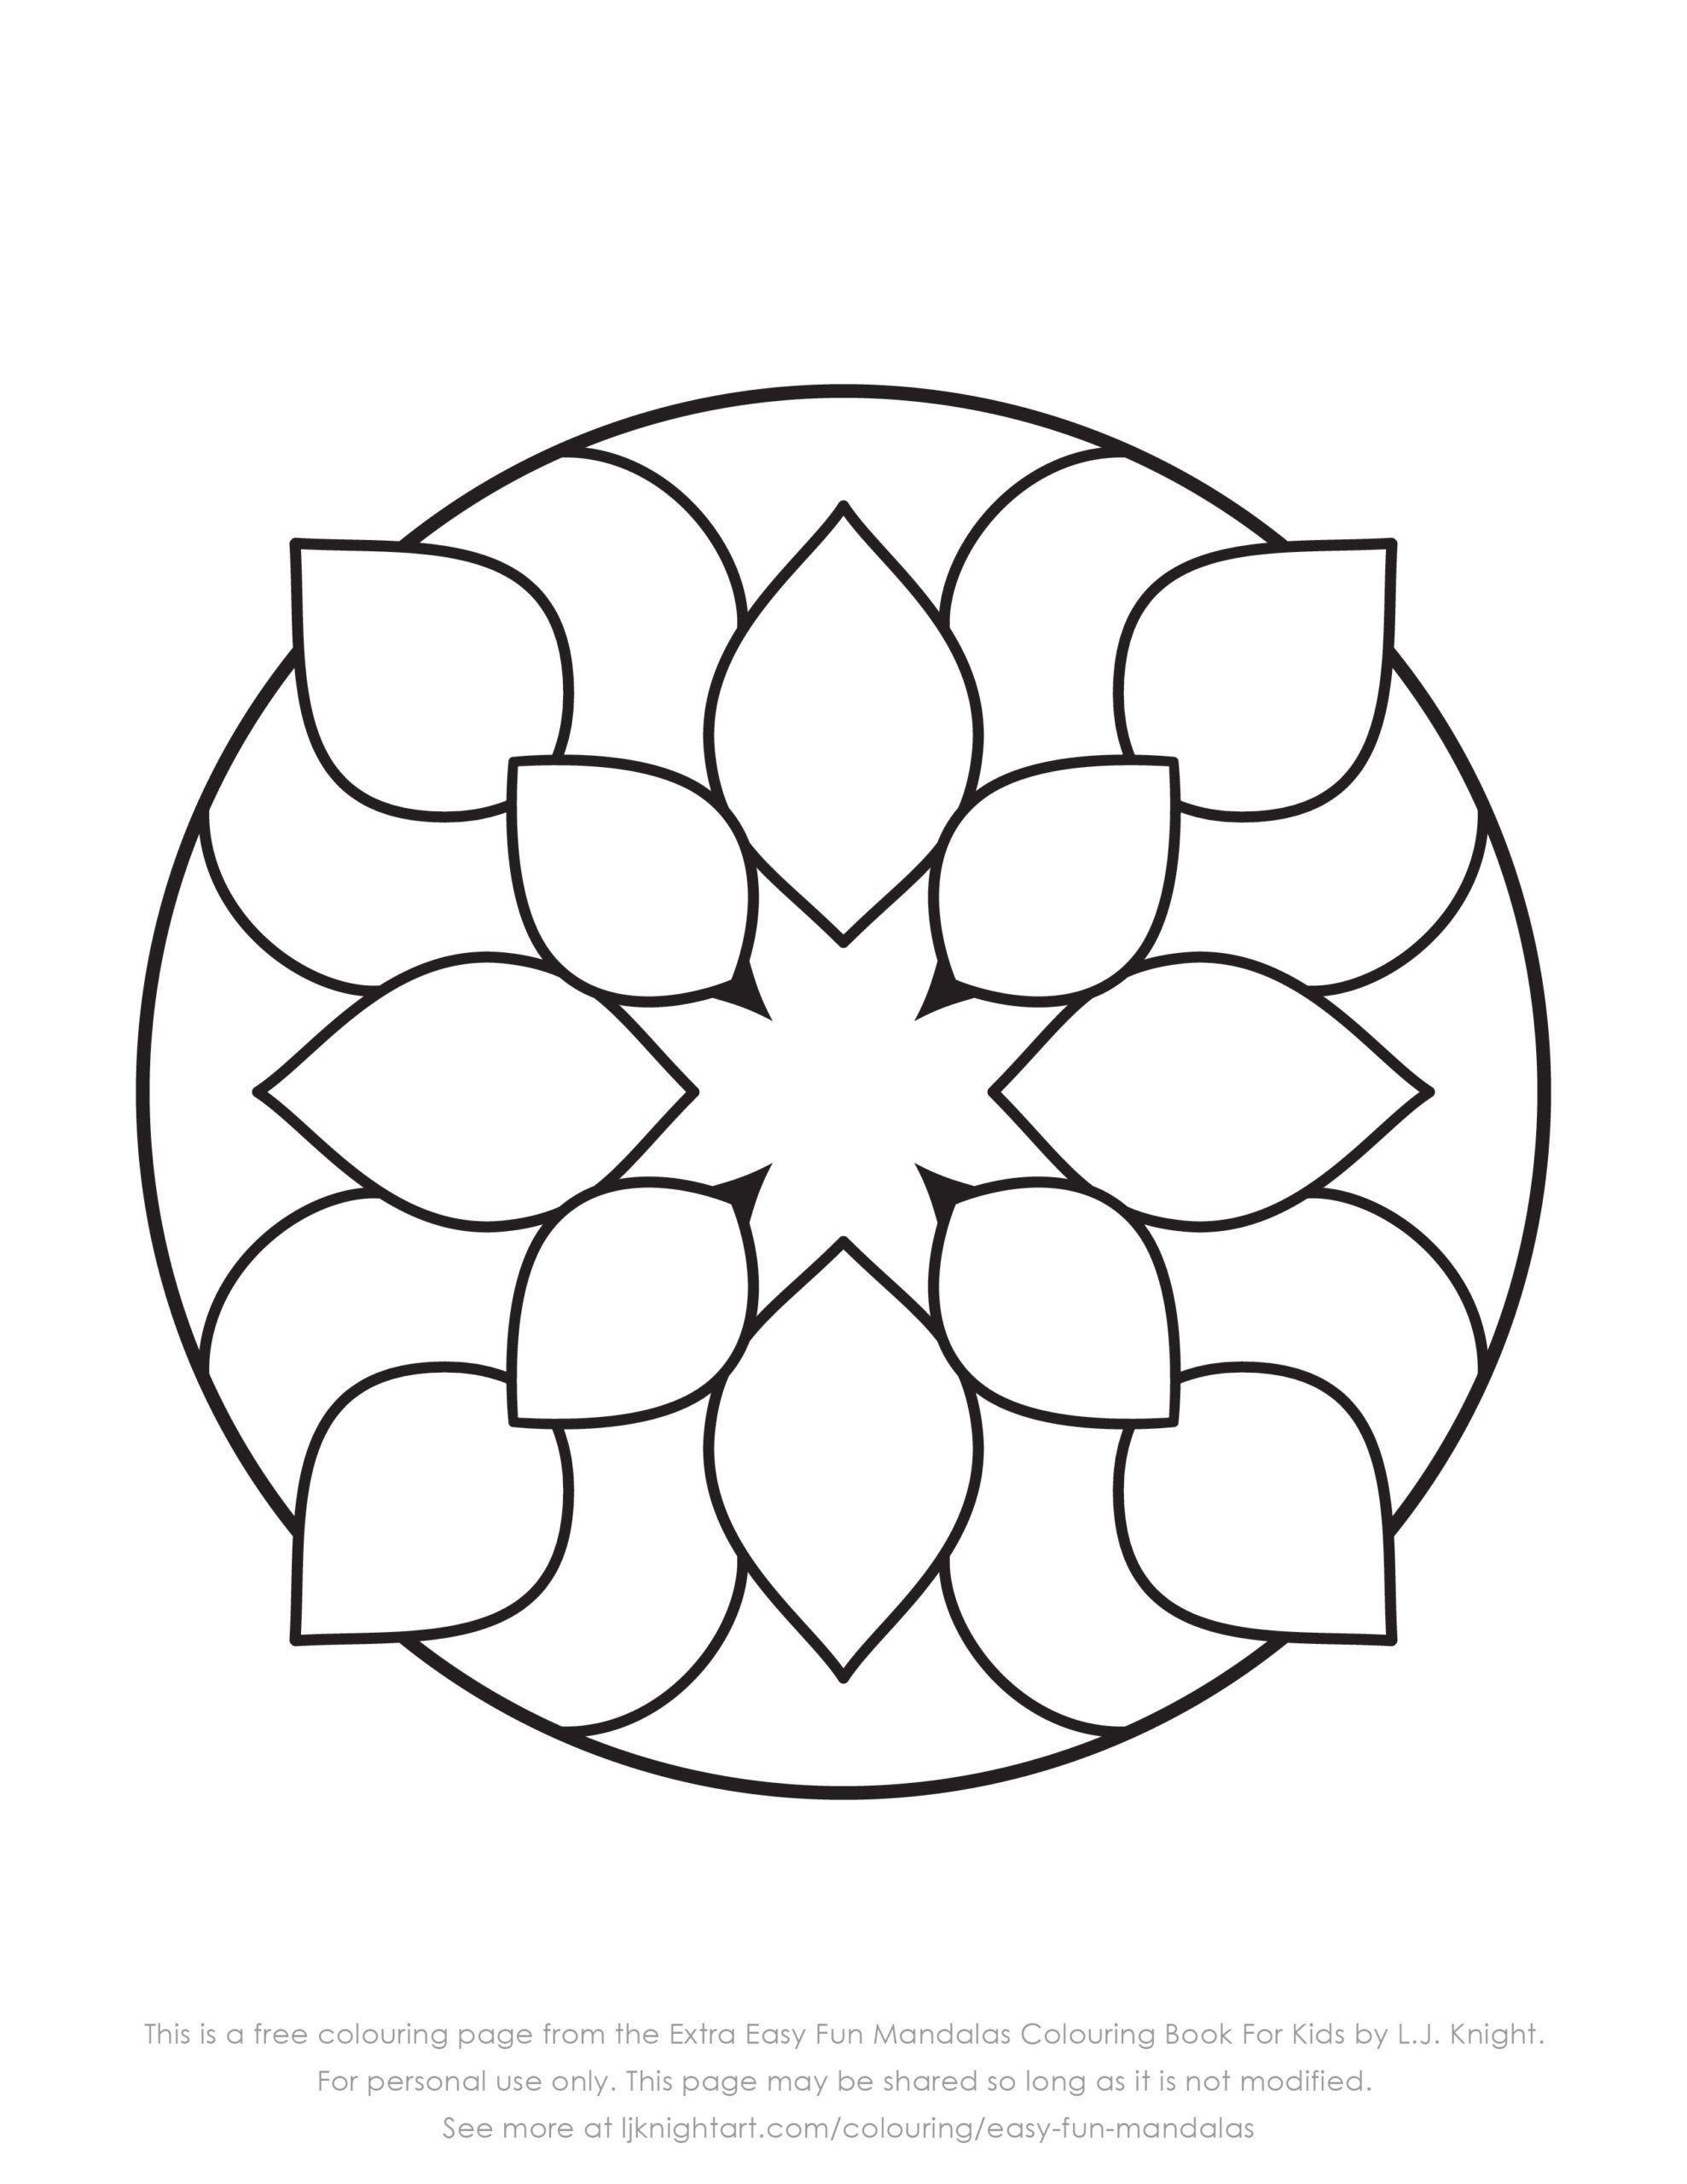 Large Mandala Coloring Pages Page Coloring Advanceddala Coloring